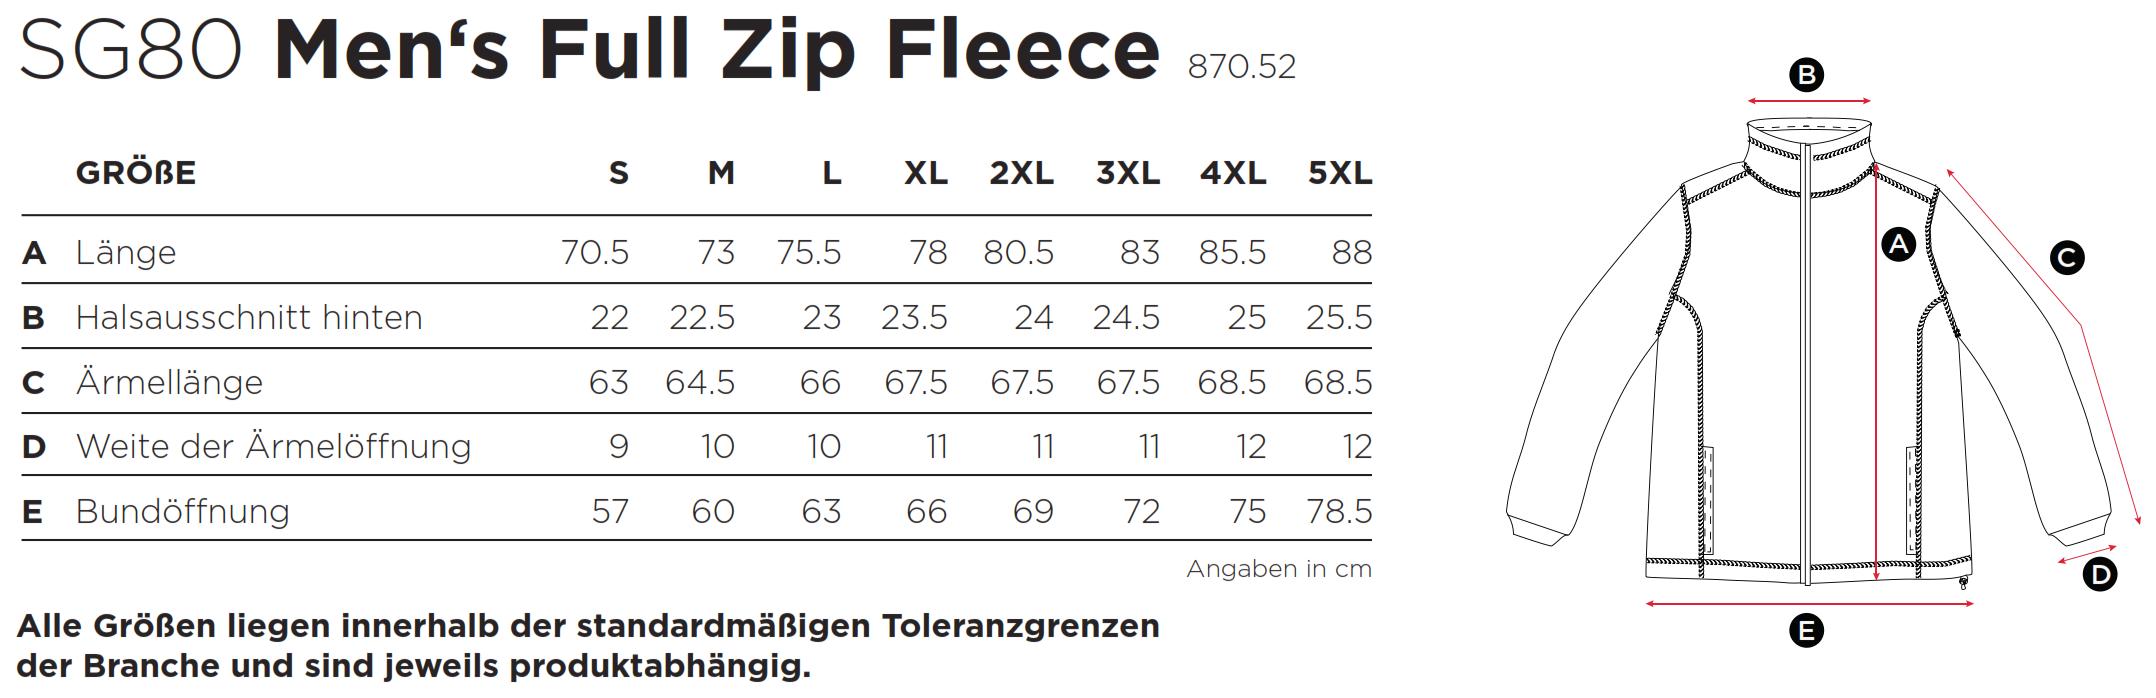 SG: Full Zip Fleece SG80